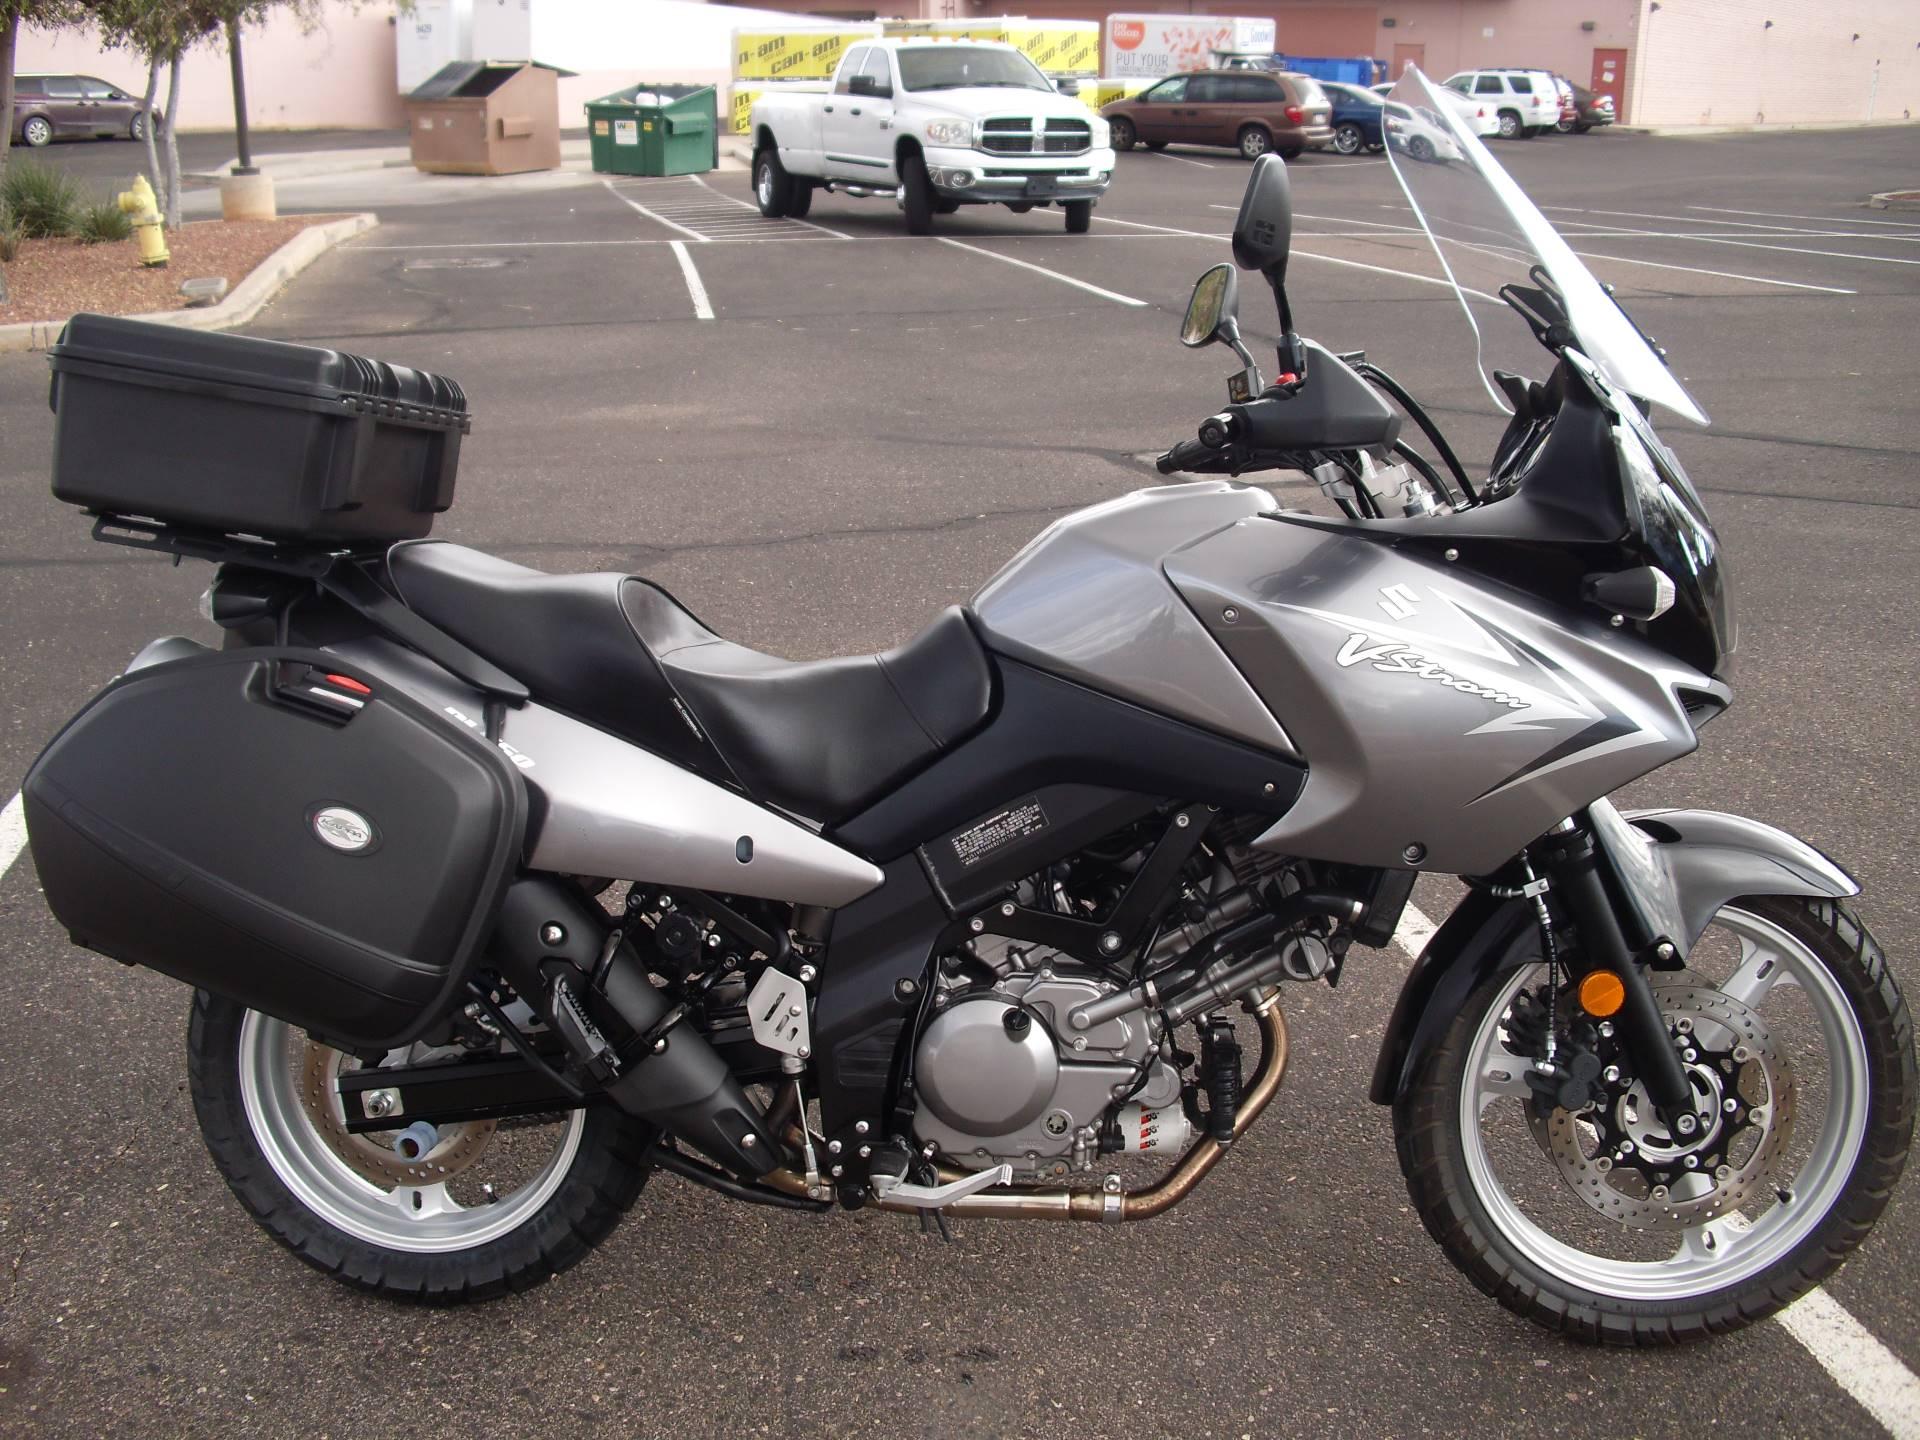 2009 Suzuki V-Strom 650 1